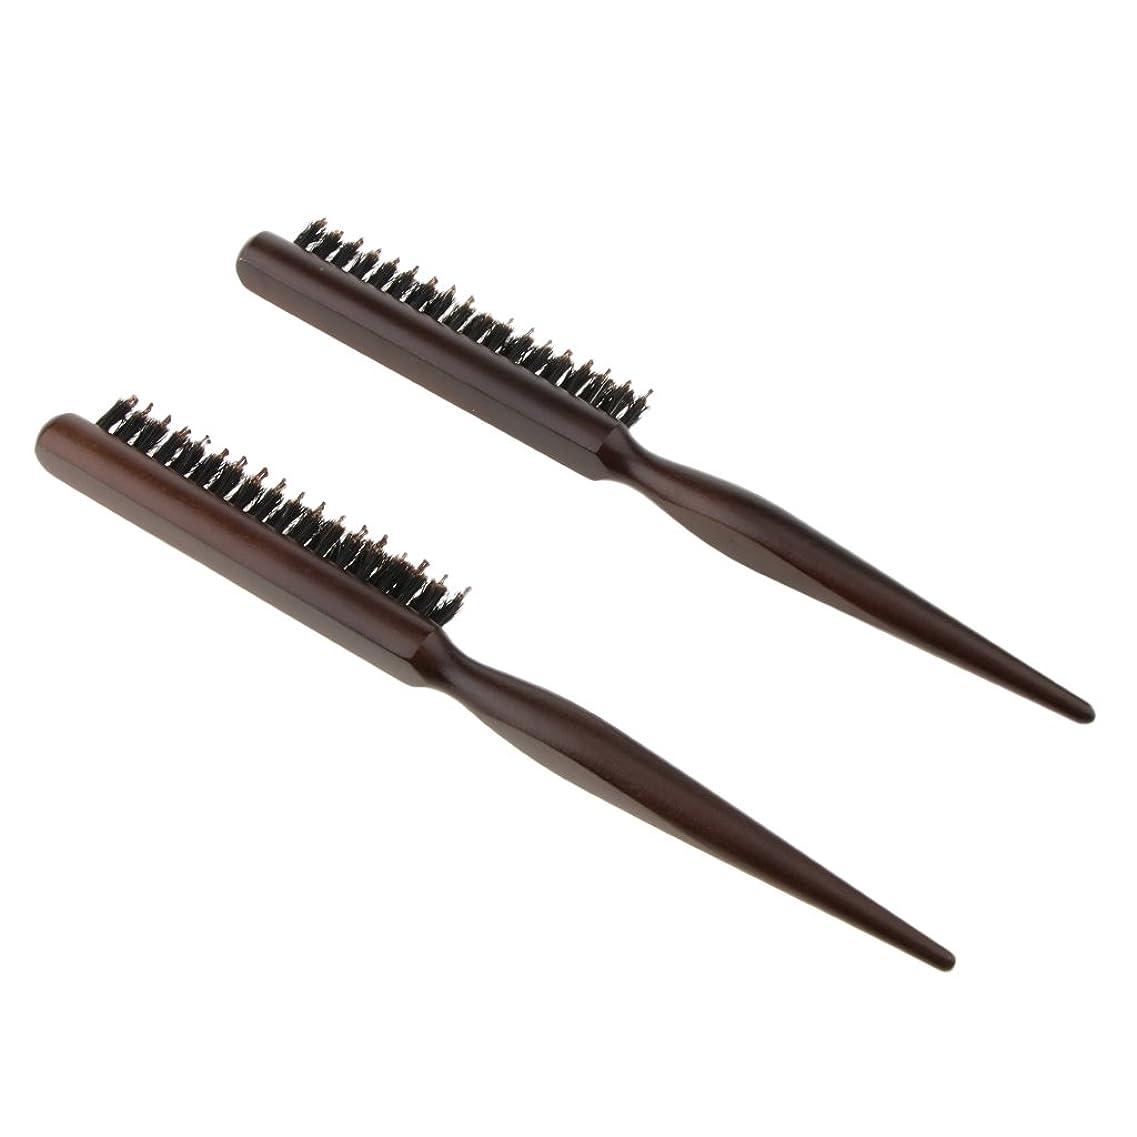 揮発性賠償経度Fenteer 2本 木製櫛 ヘアコーム ヘアブラシ ナイロン毛+木製ハンドル